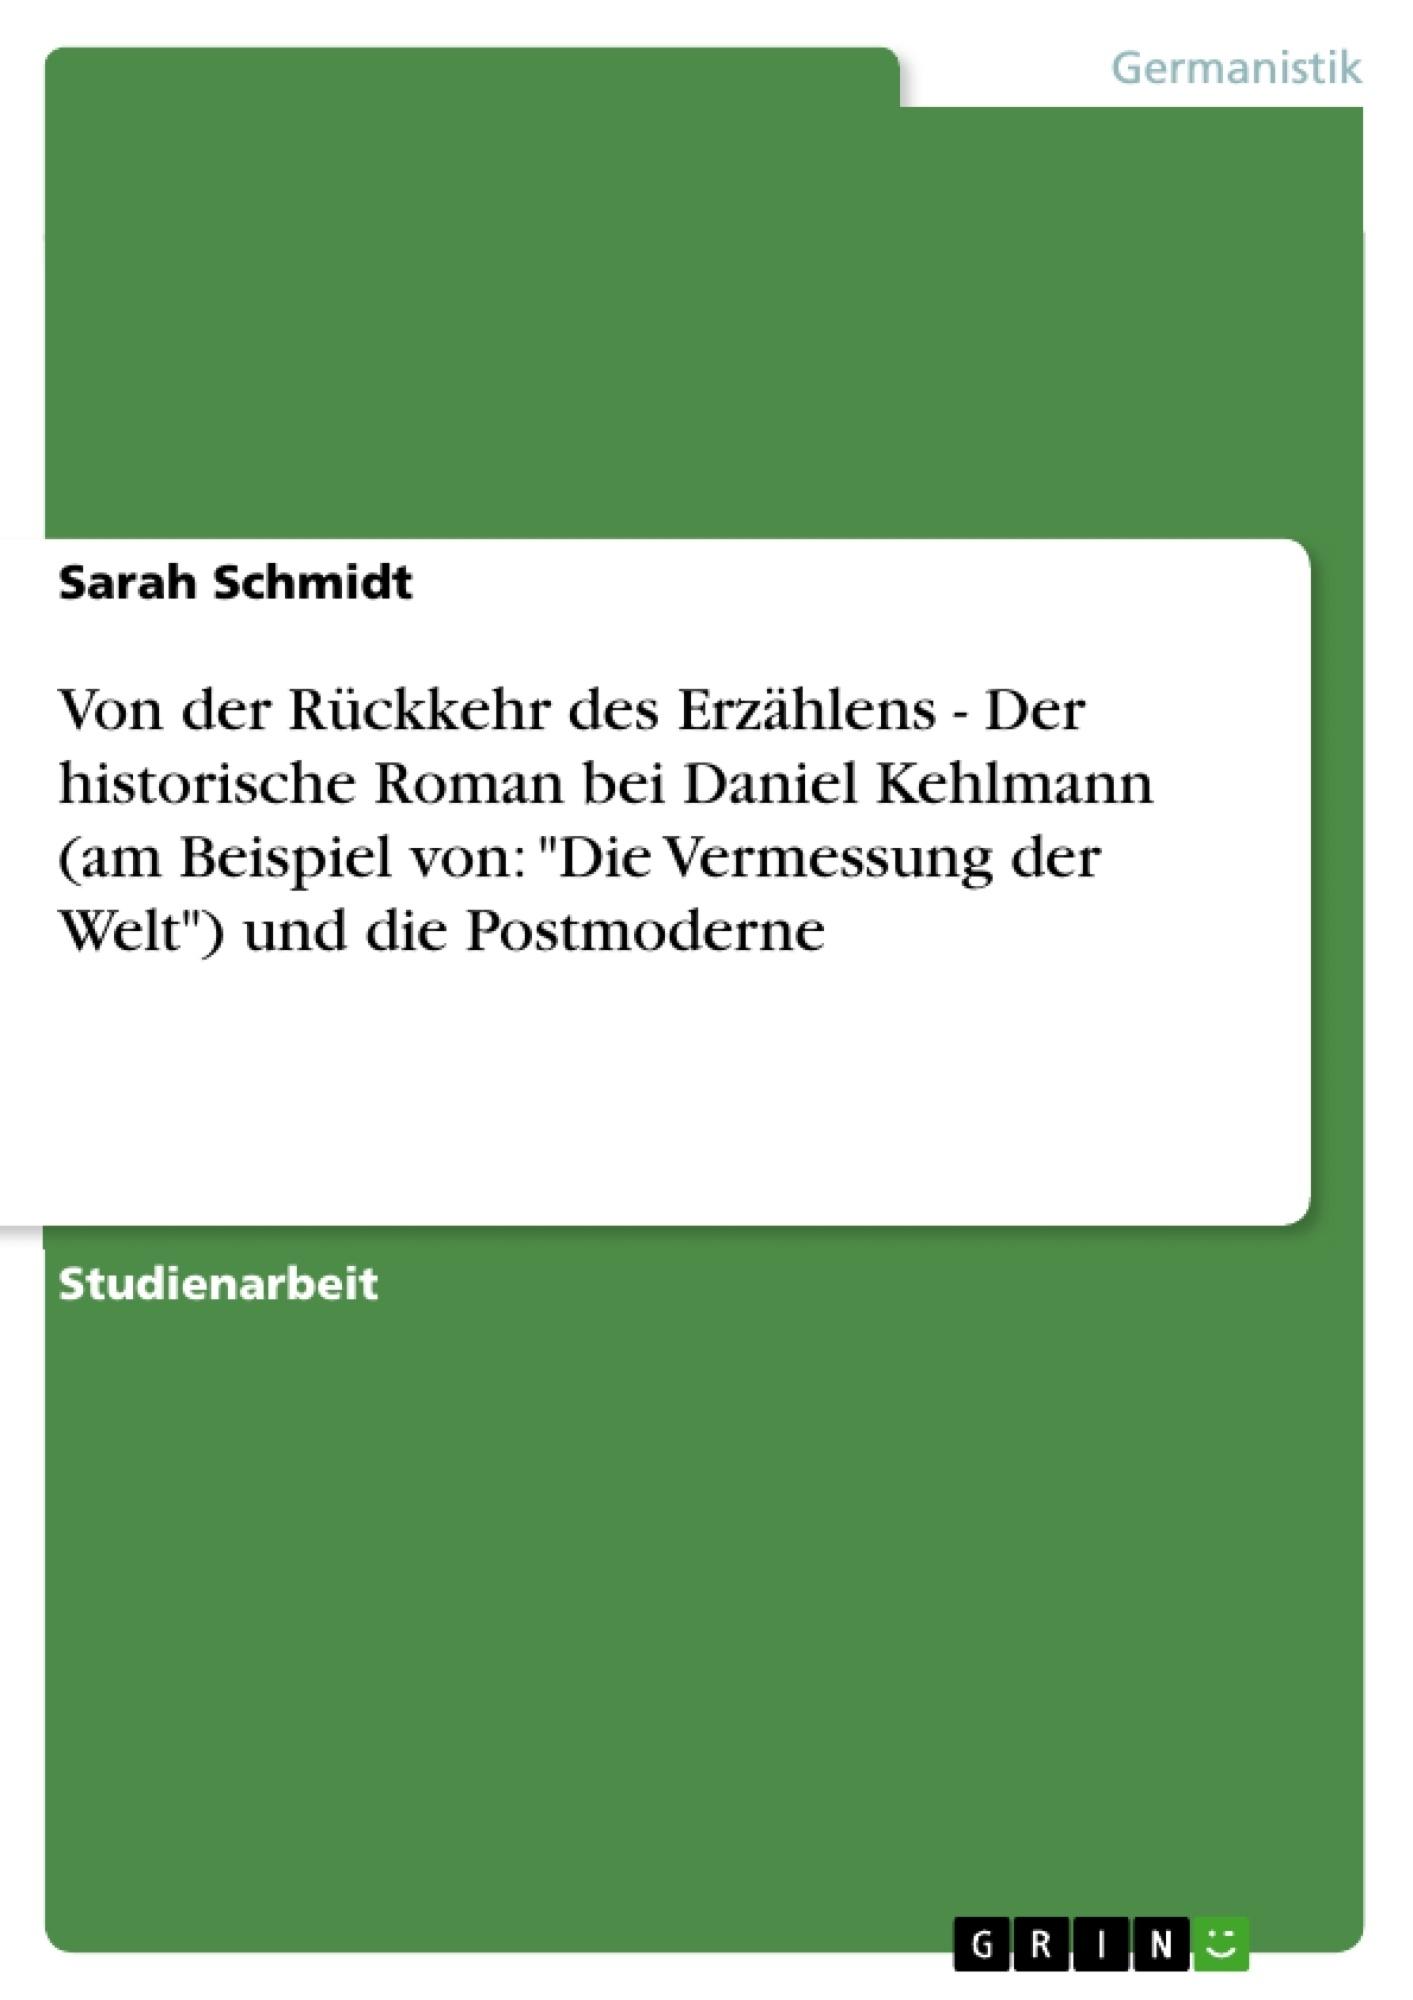 """Titel: Von der Rückkehr des Erzählens - Der historische Roman bei Daniel Kehlmann (am Beispiel von: """"Die Vermessung der Welt"""") und die Postmoderne"""